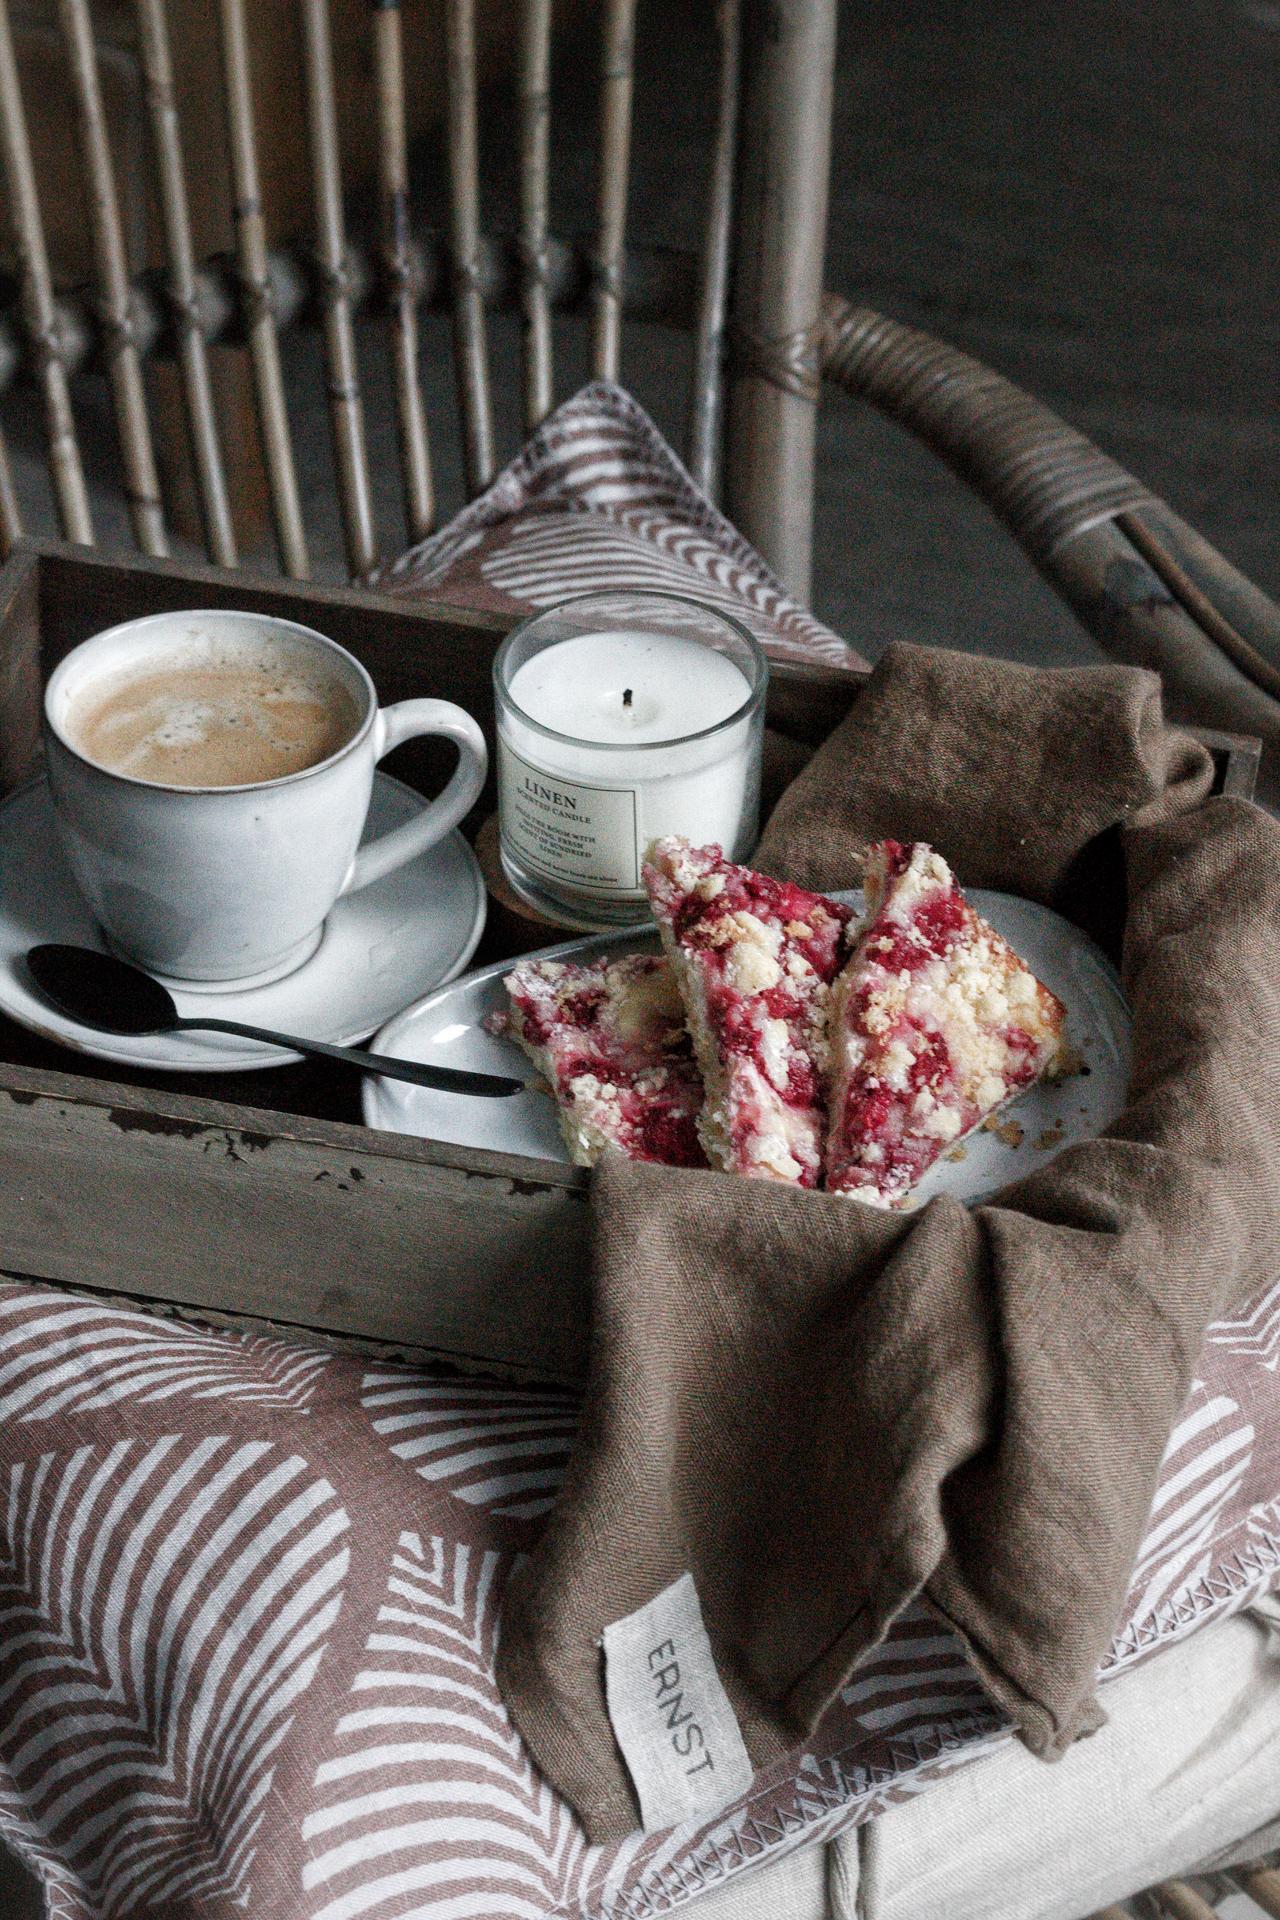 Už vám zima leze krkem a nemůžete se dočkat hezkého počasí?❤️ Přečtete si pár našich tipů, jak se zkrátit čekání na jaro! 🌸 ⭐ https://biano.link/zkratte-si-cekani-na-jaro ⭐ - Obrázek č. 3